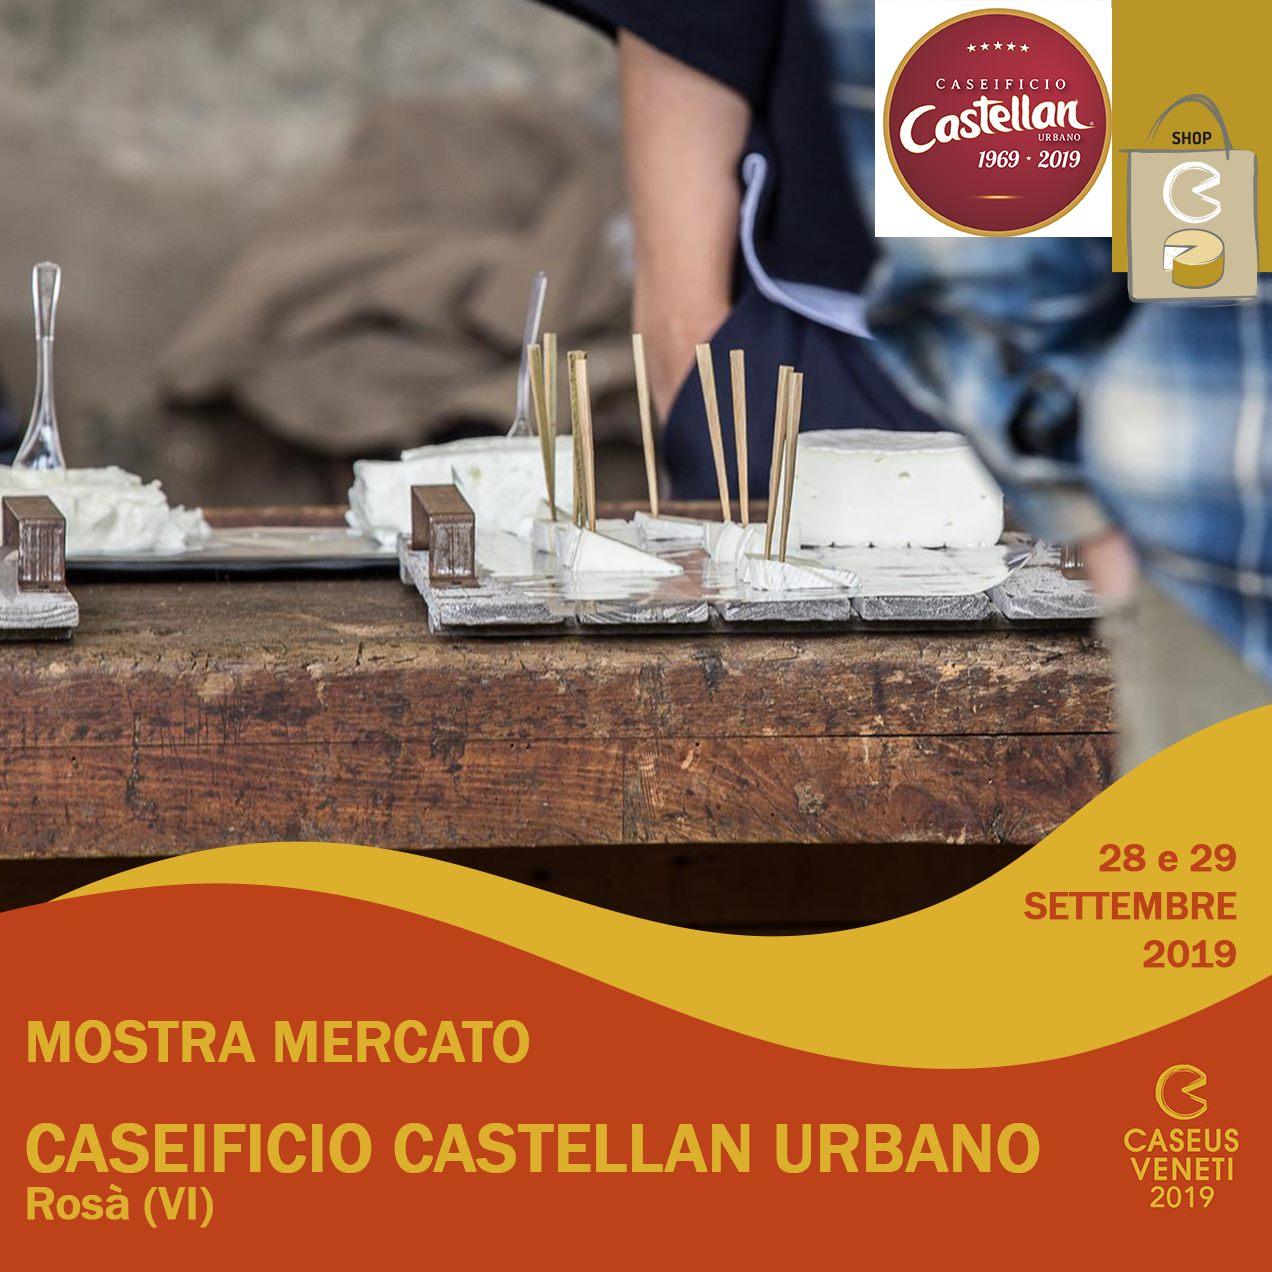 Caseificio Castellan Urbano Caseus Veneti 2019